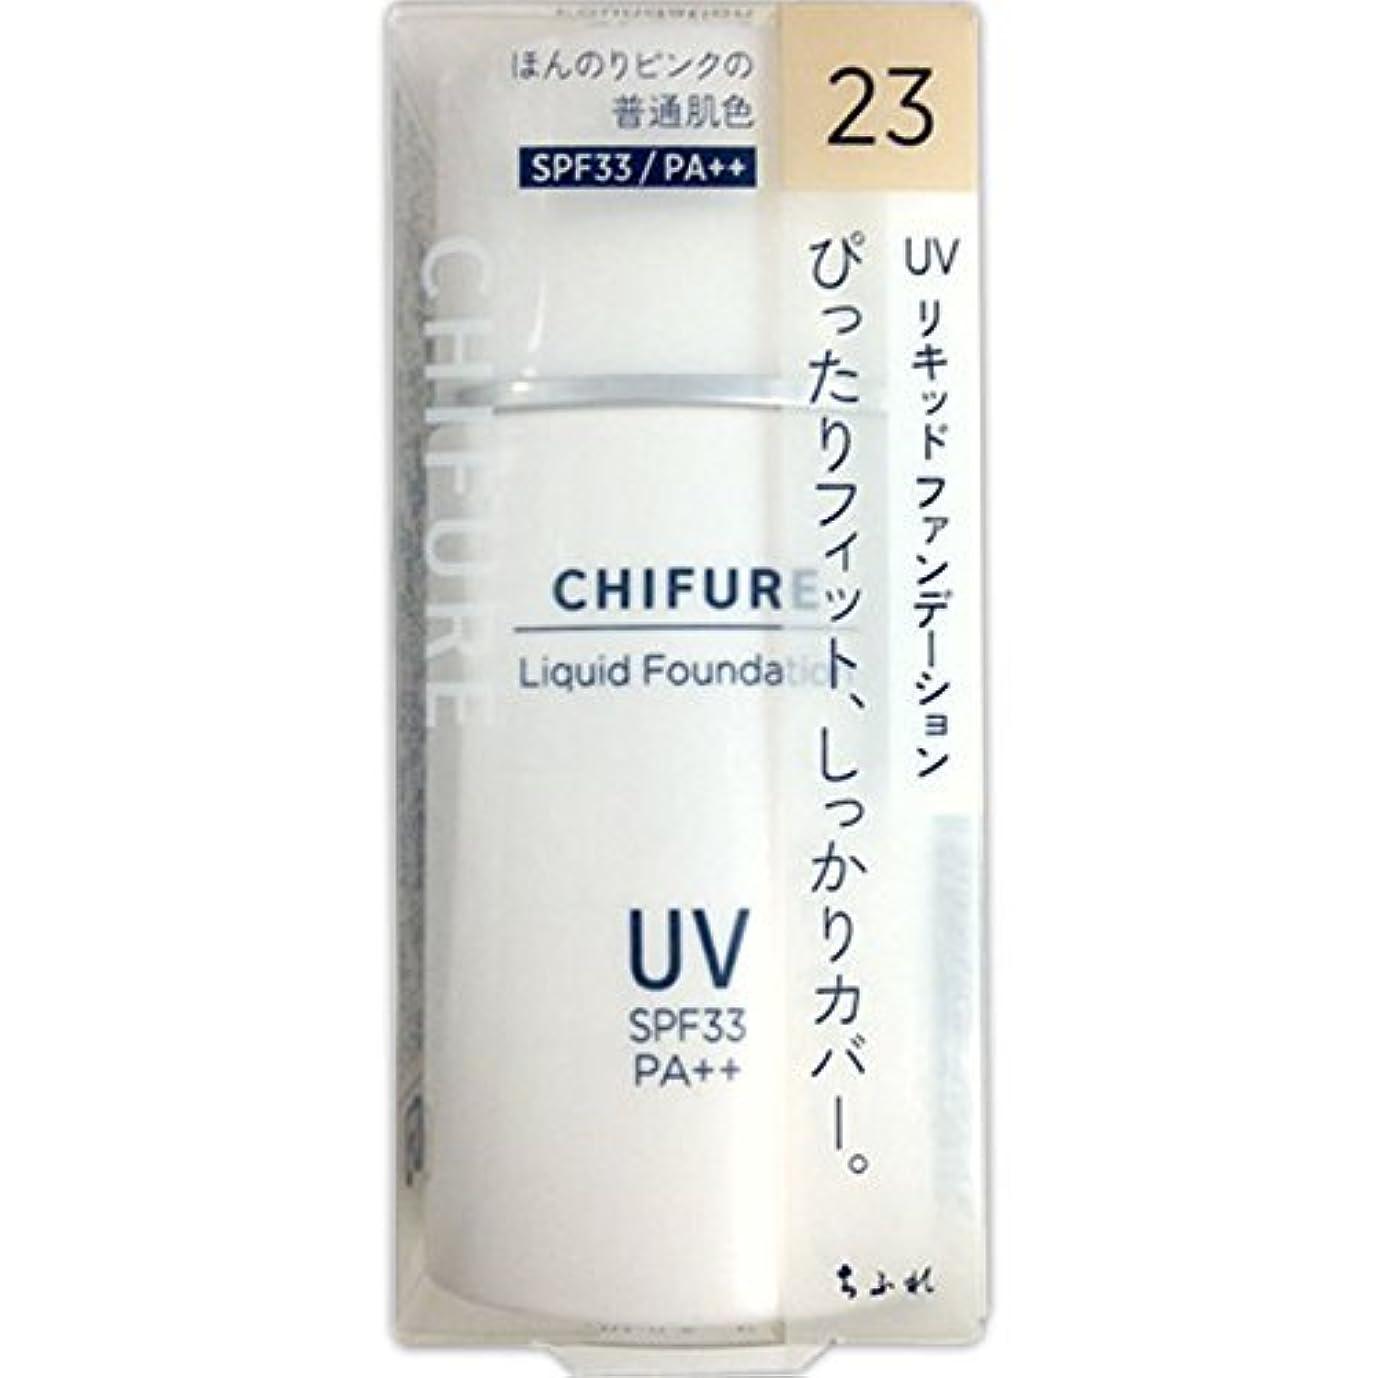 花に水をやる飛行場ペストリーちふれ化粧品 UV リキッド ファンデーション 23 ほんのりピンク普通肌色 30ML